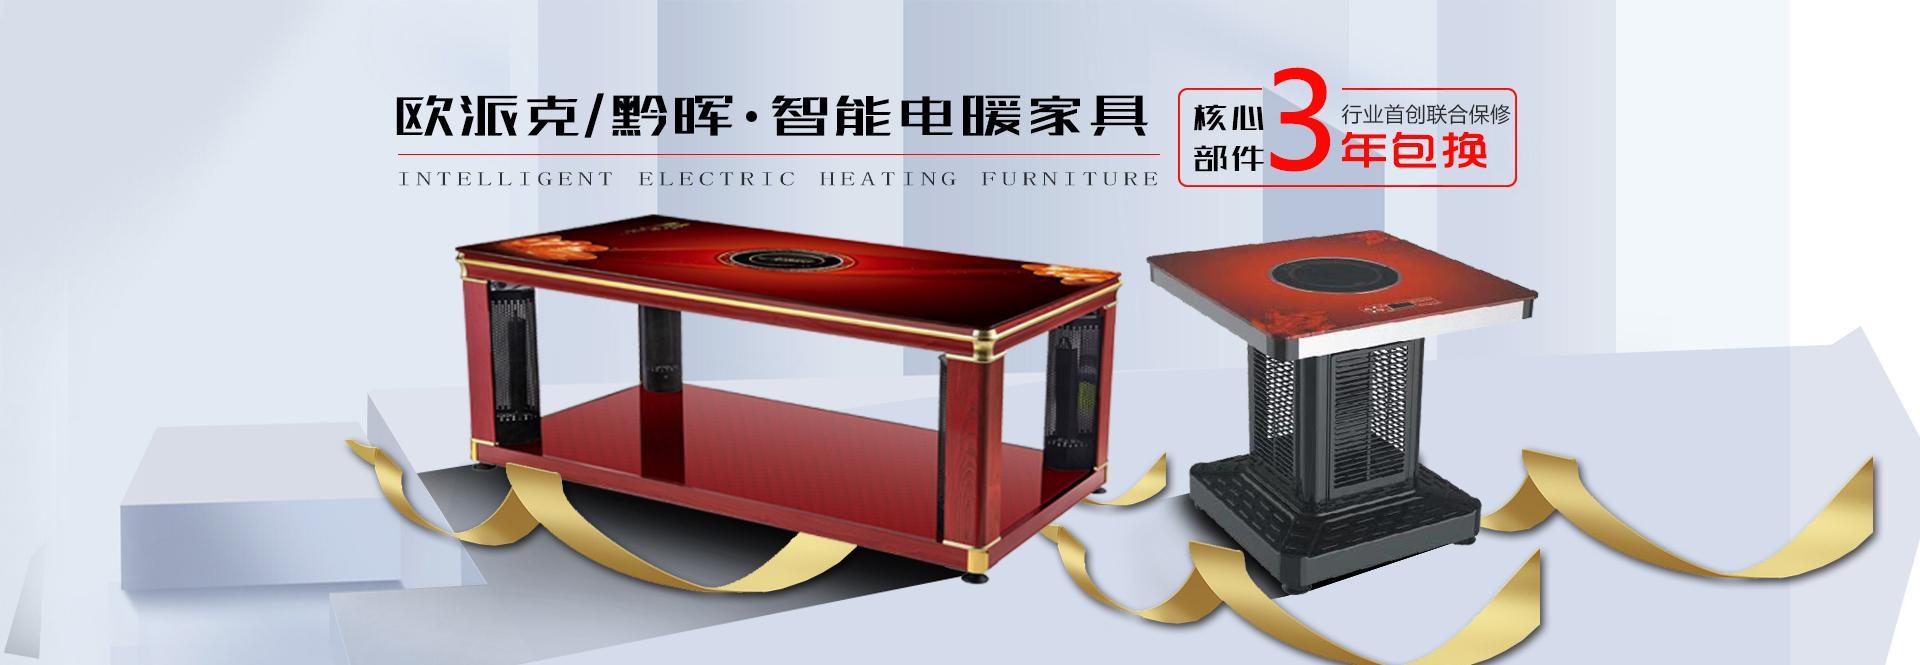 贵州电暖炉生产厂